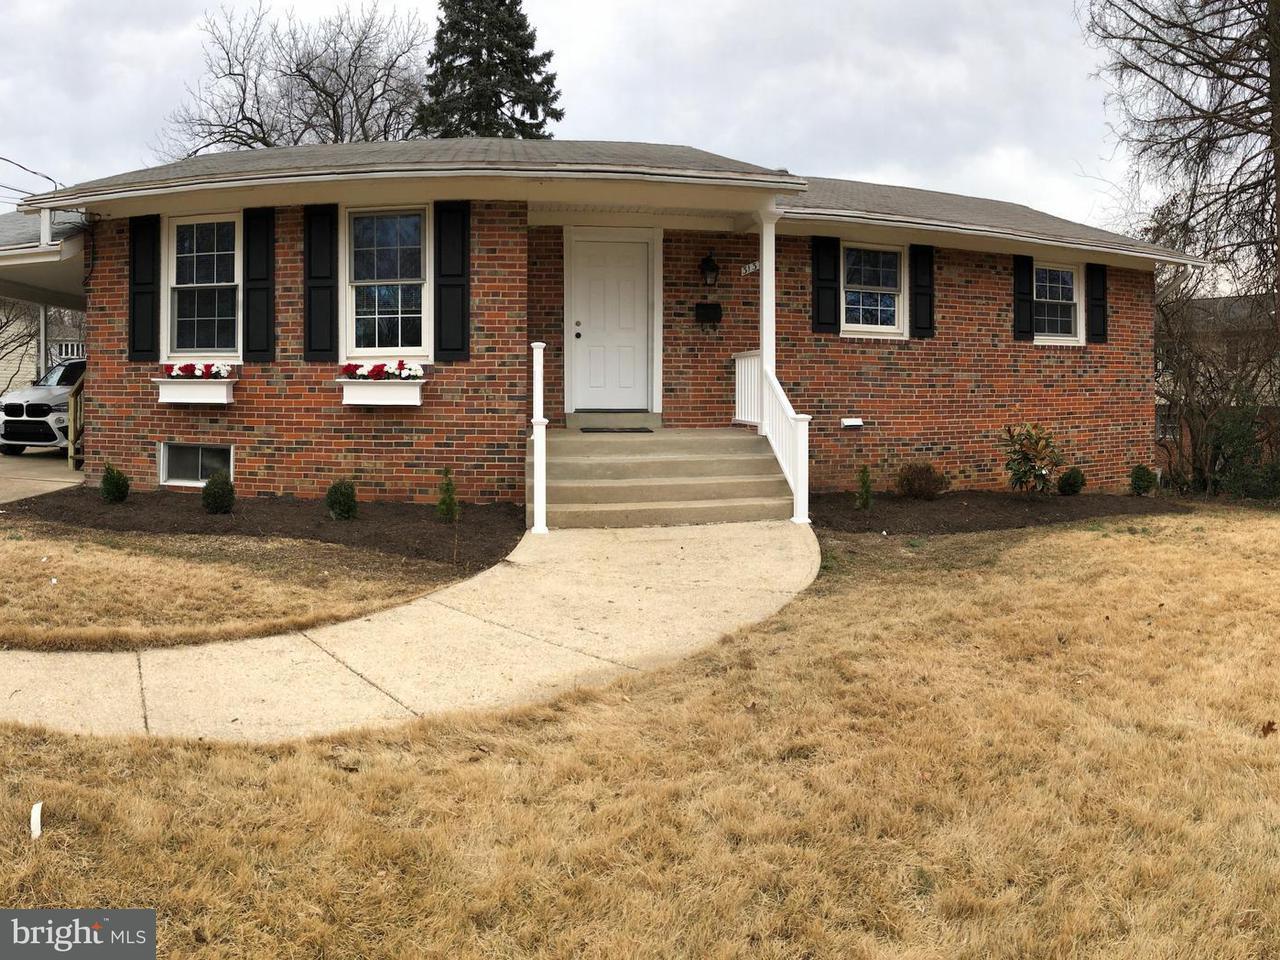 獨棟家庭住宅 為 出售 在 3137 Singleton Circle 3137 Singleton Circle Fairfax, 弗吉尼亞州 22030 美國